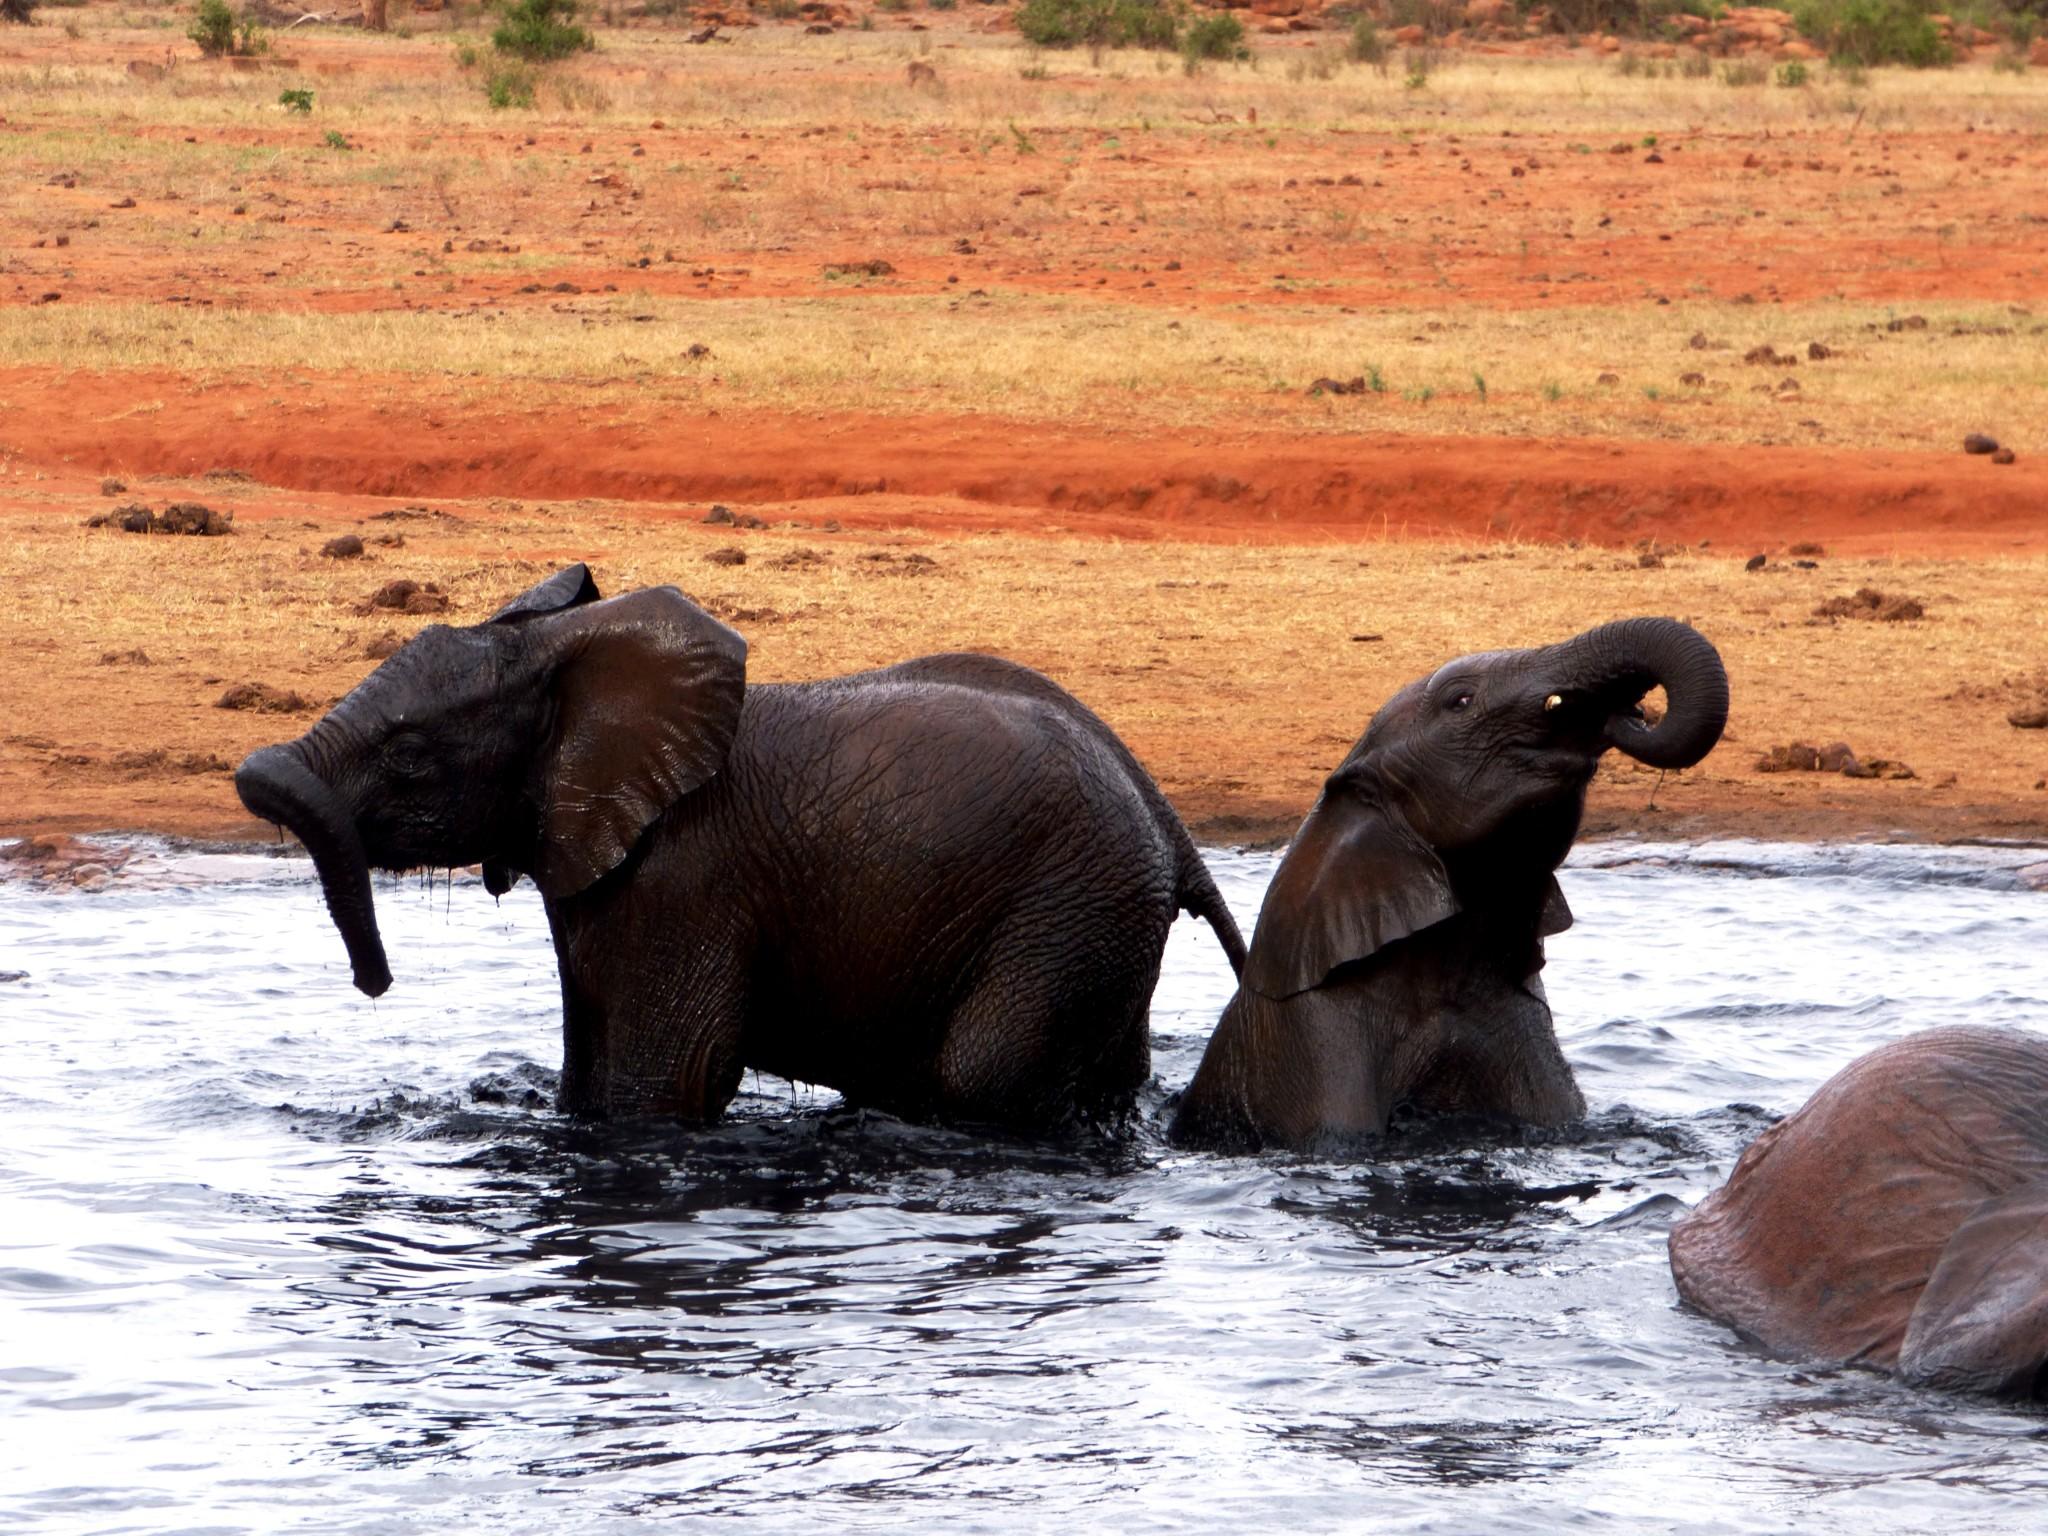 Elefantenbabys in Kenia